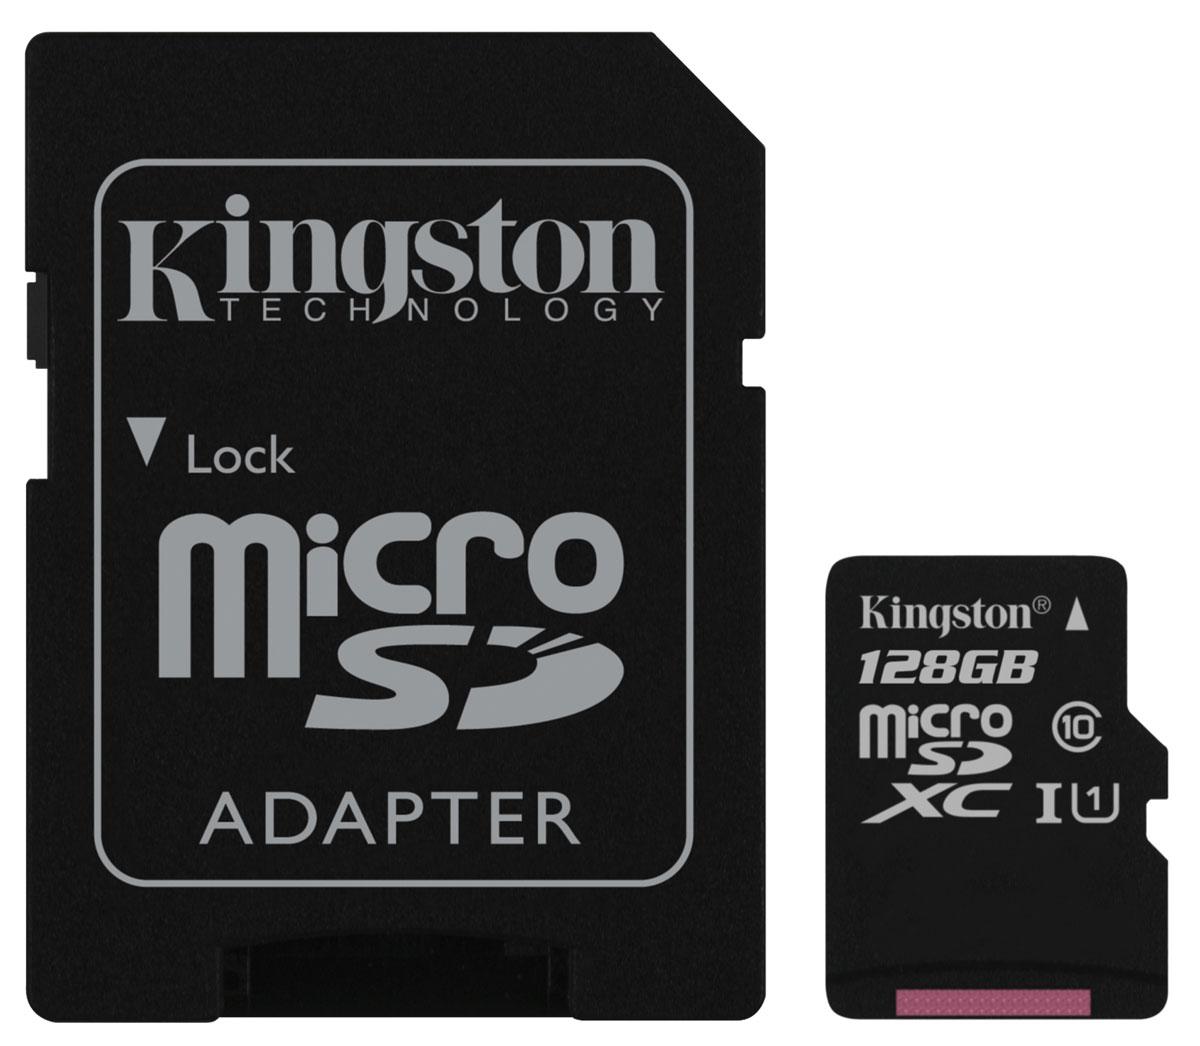 Kingston microSDXC Class 10 UHS-I 128GB карта памяти с адаптером microsdxc